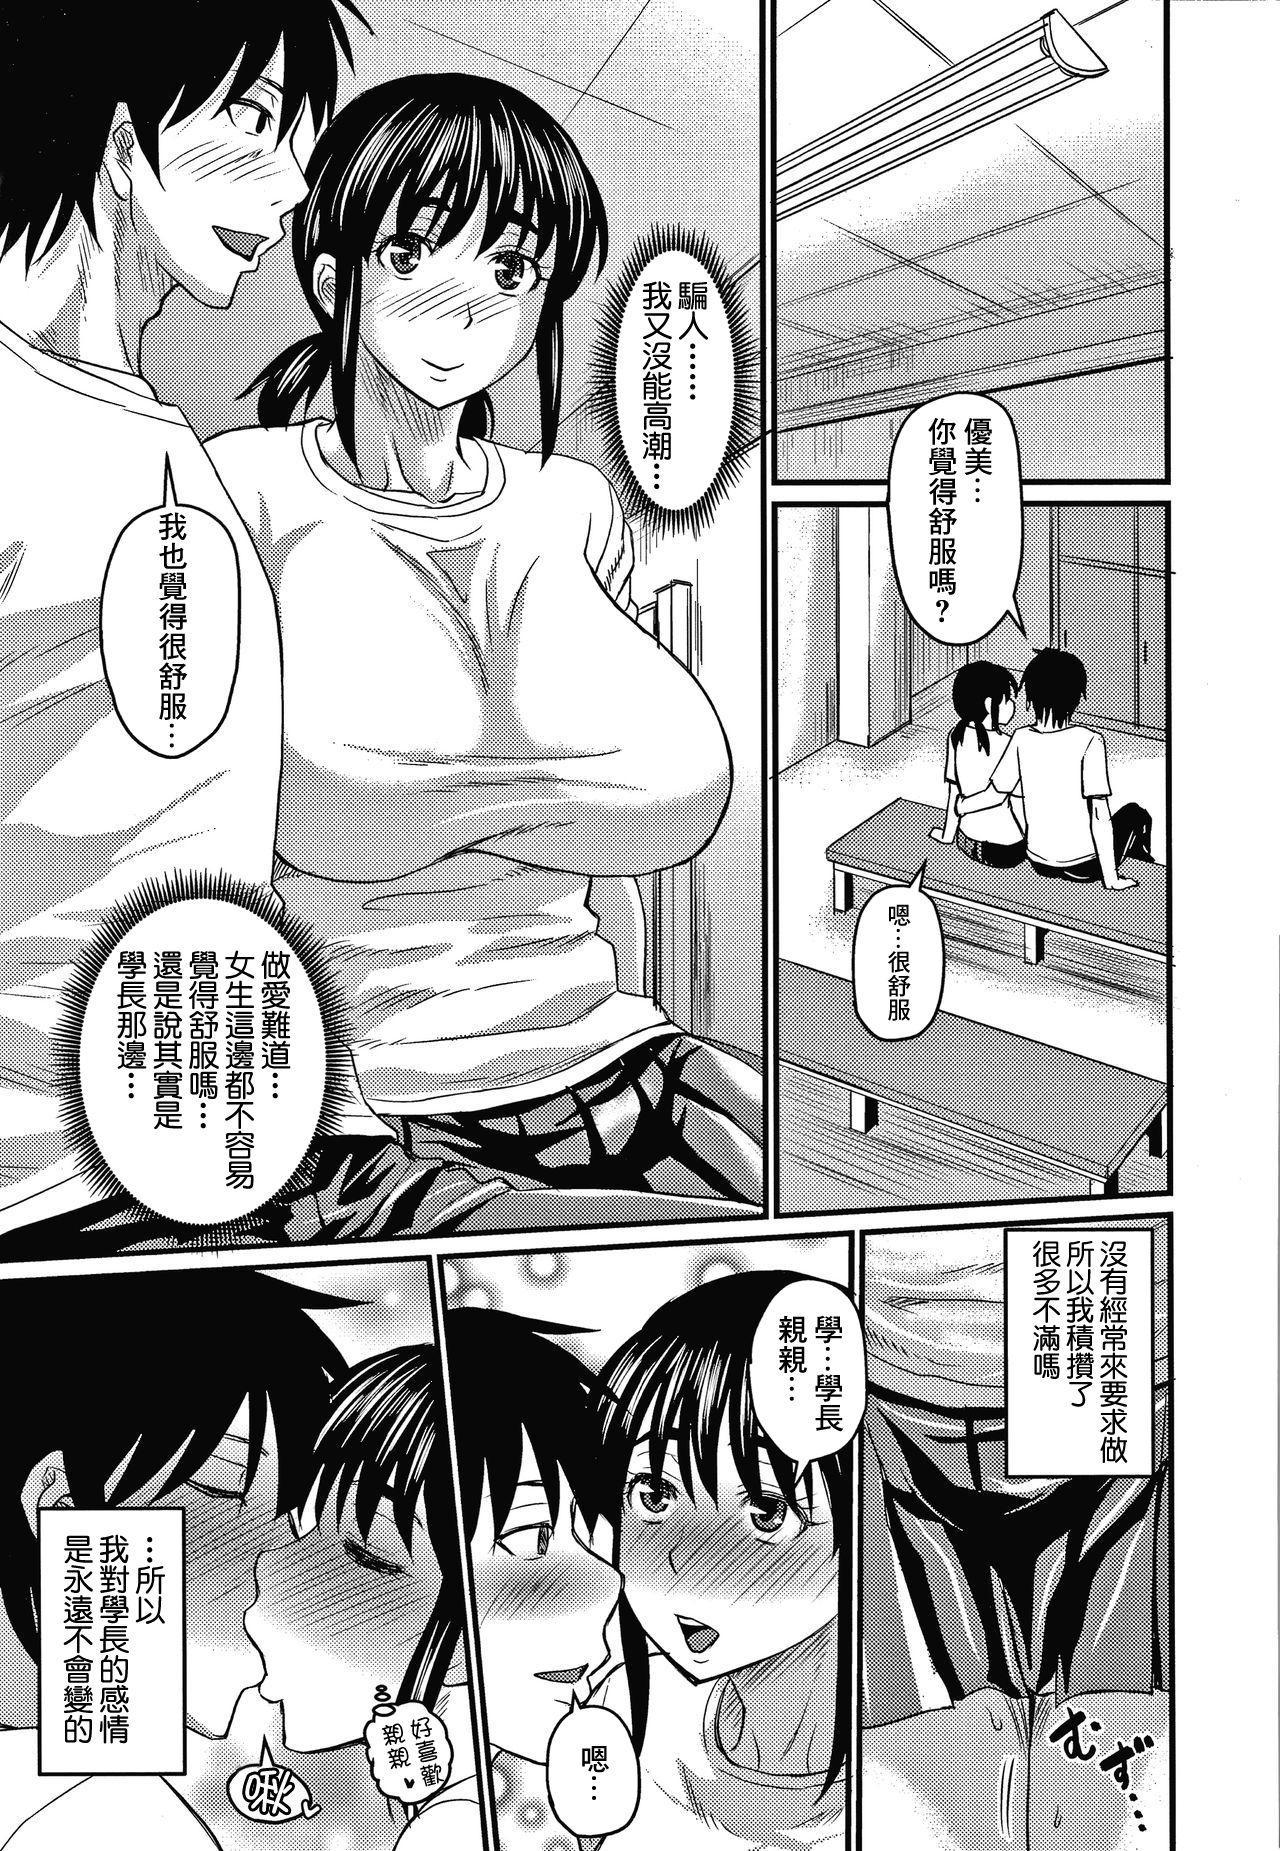 Kokoro to Karada wa Betsu deshita 5